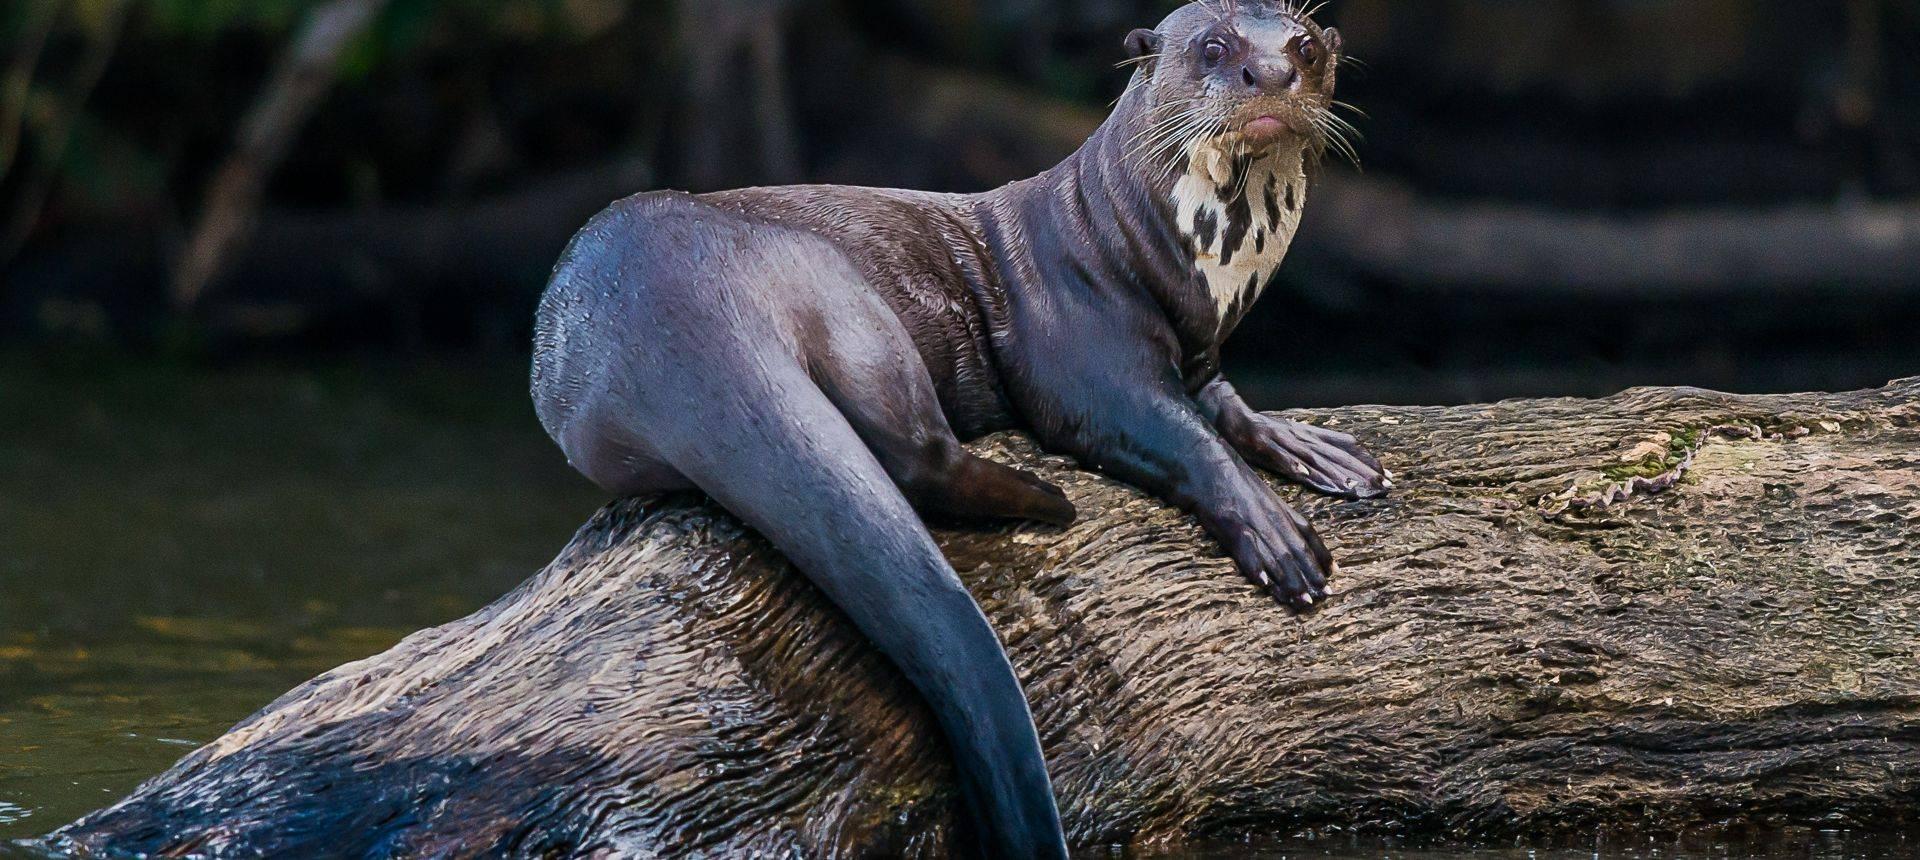 Giant River Otter Shutterstock 164389889